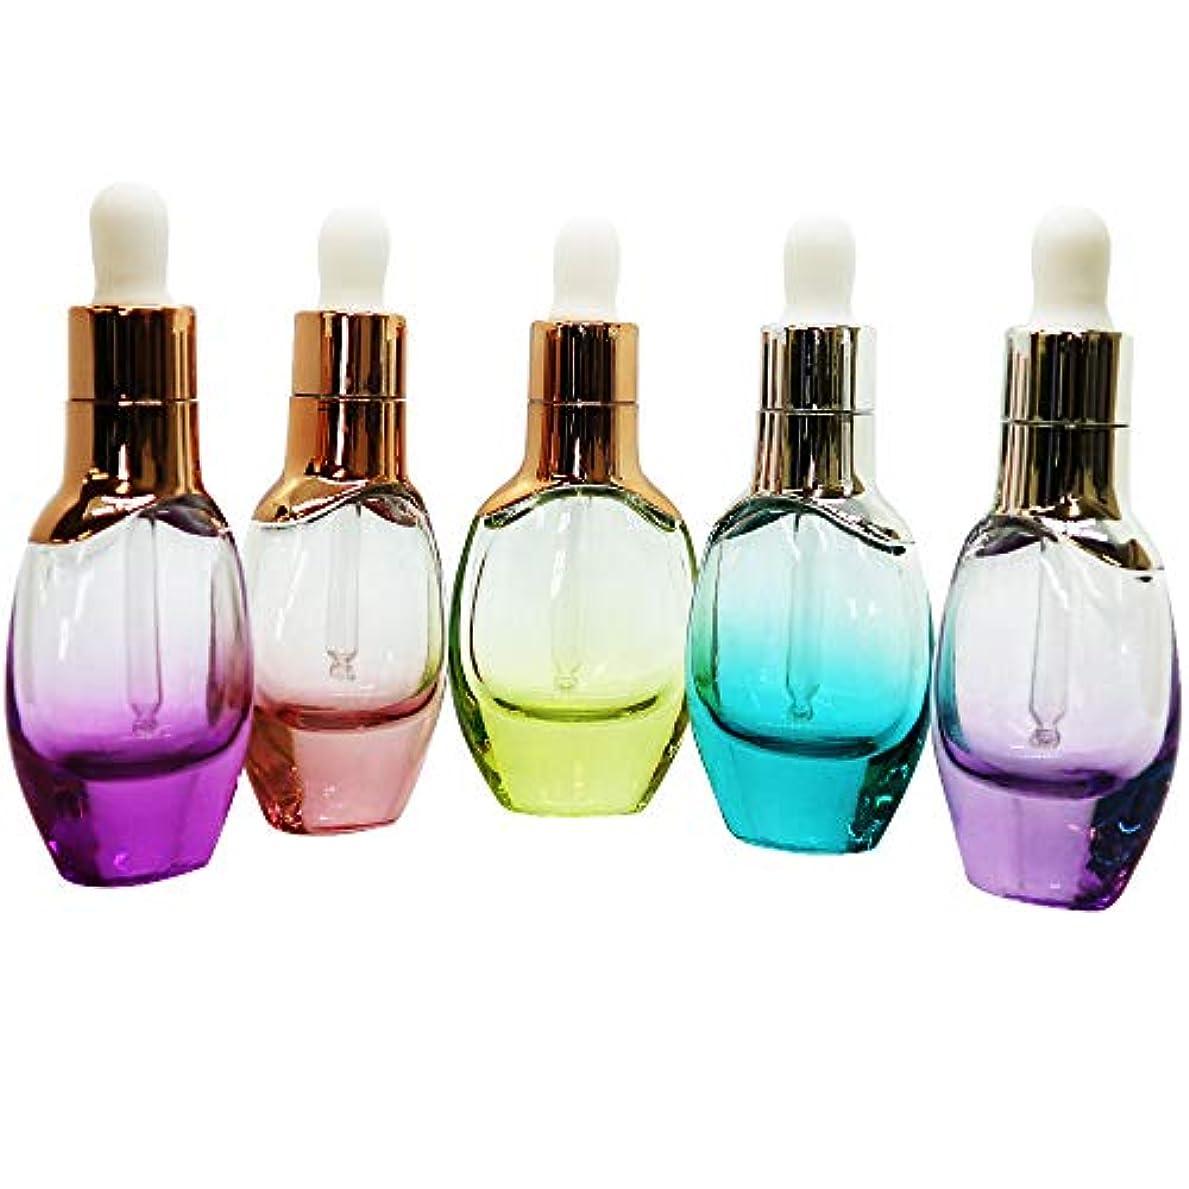 憂慮すべきマニアックタイルCoco Makai スポイト付き エッセンシャル ボトル 5本セット アロマ 化粧水 オイル ガラス製 かわいい カラフル